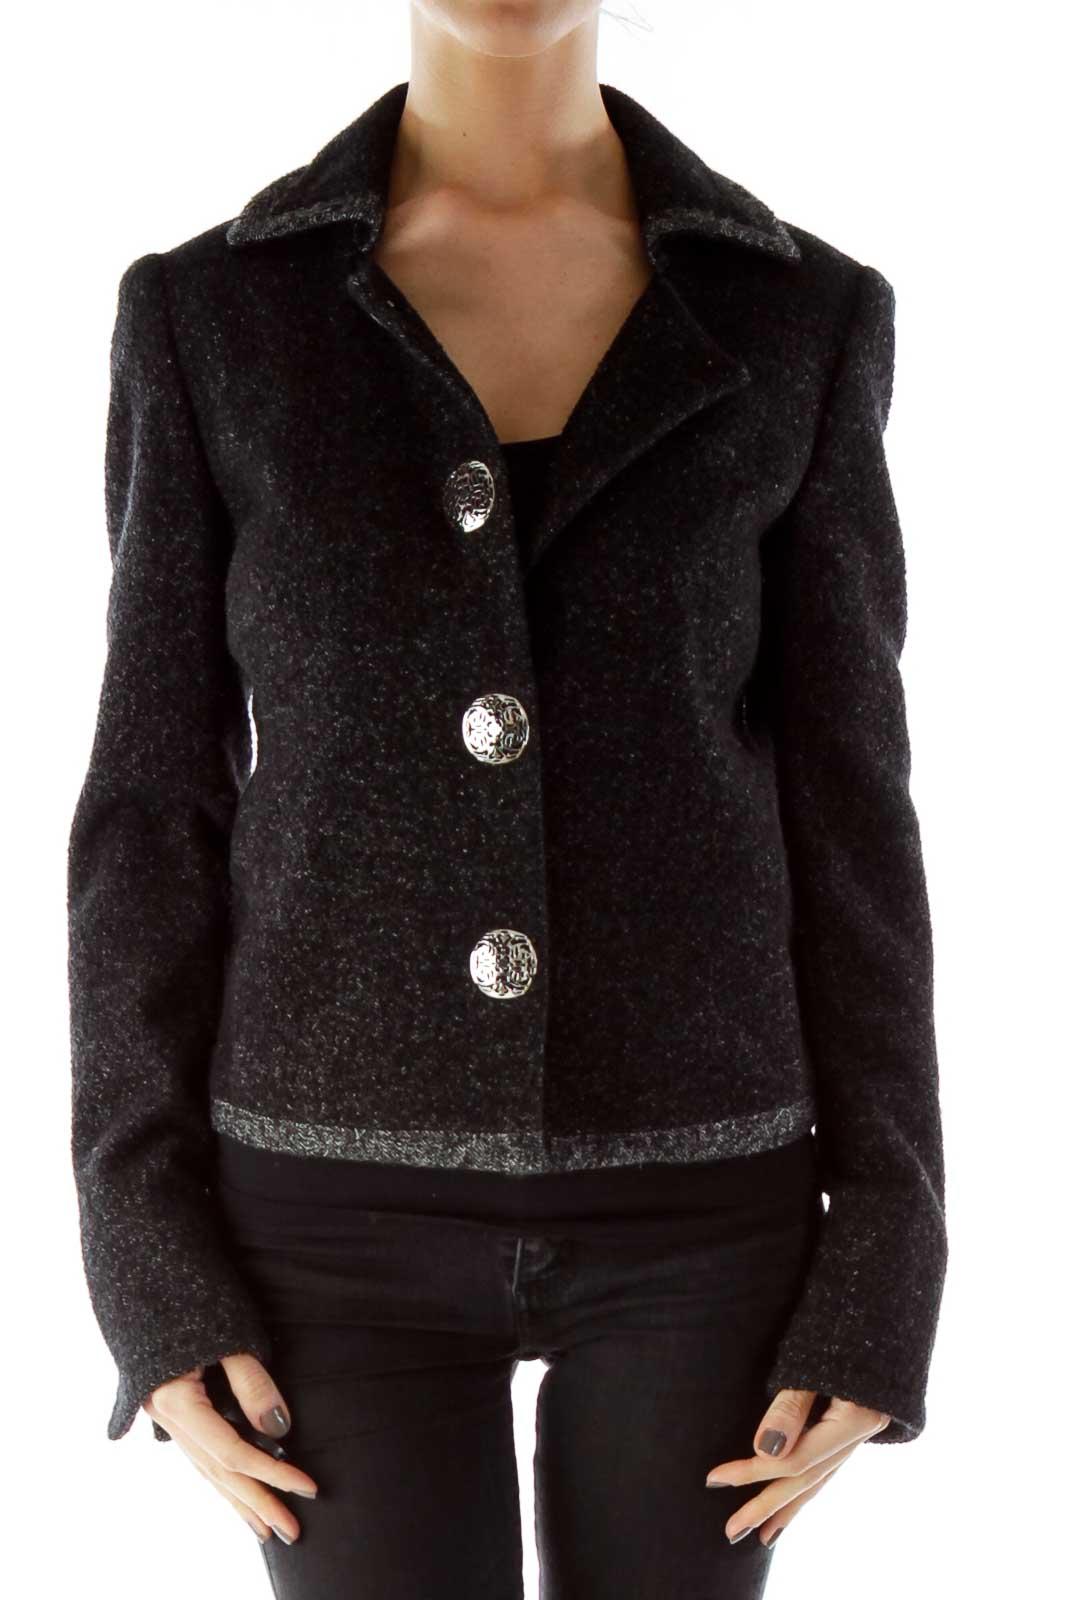 Black Silver Buttoned Mottled Tweed Jacket Front